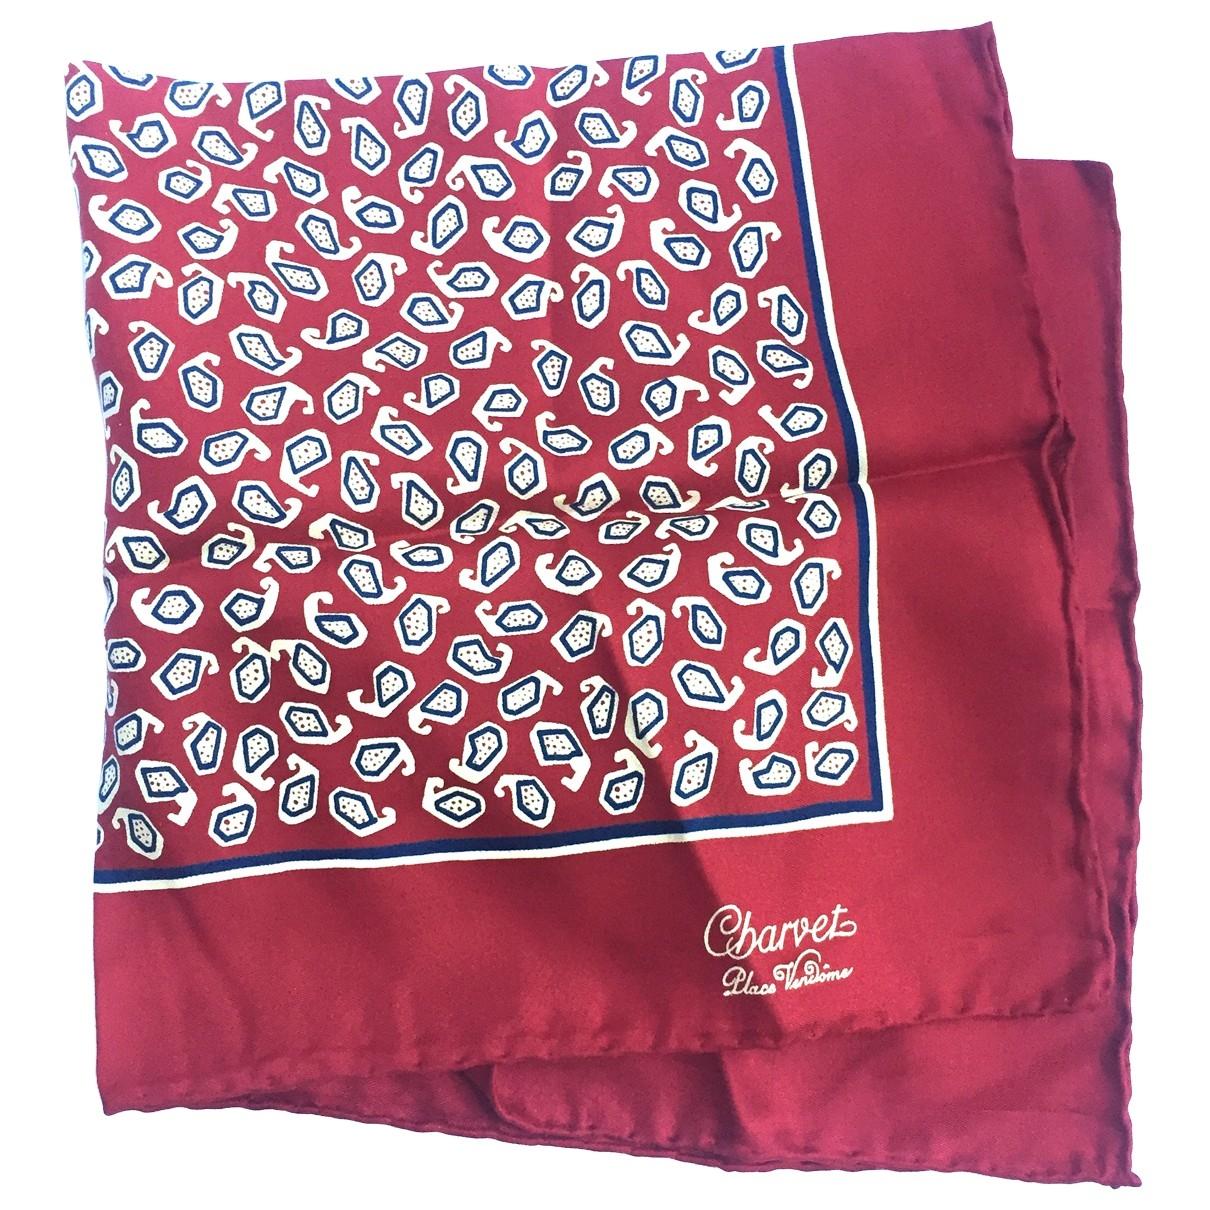 Pañuelo / bufanda de Seda Charvet